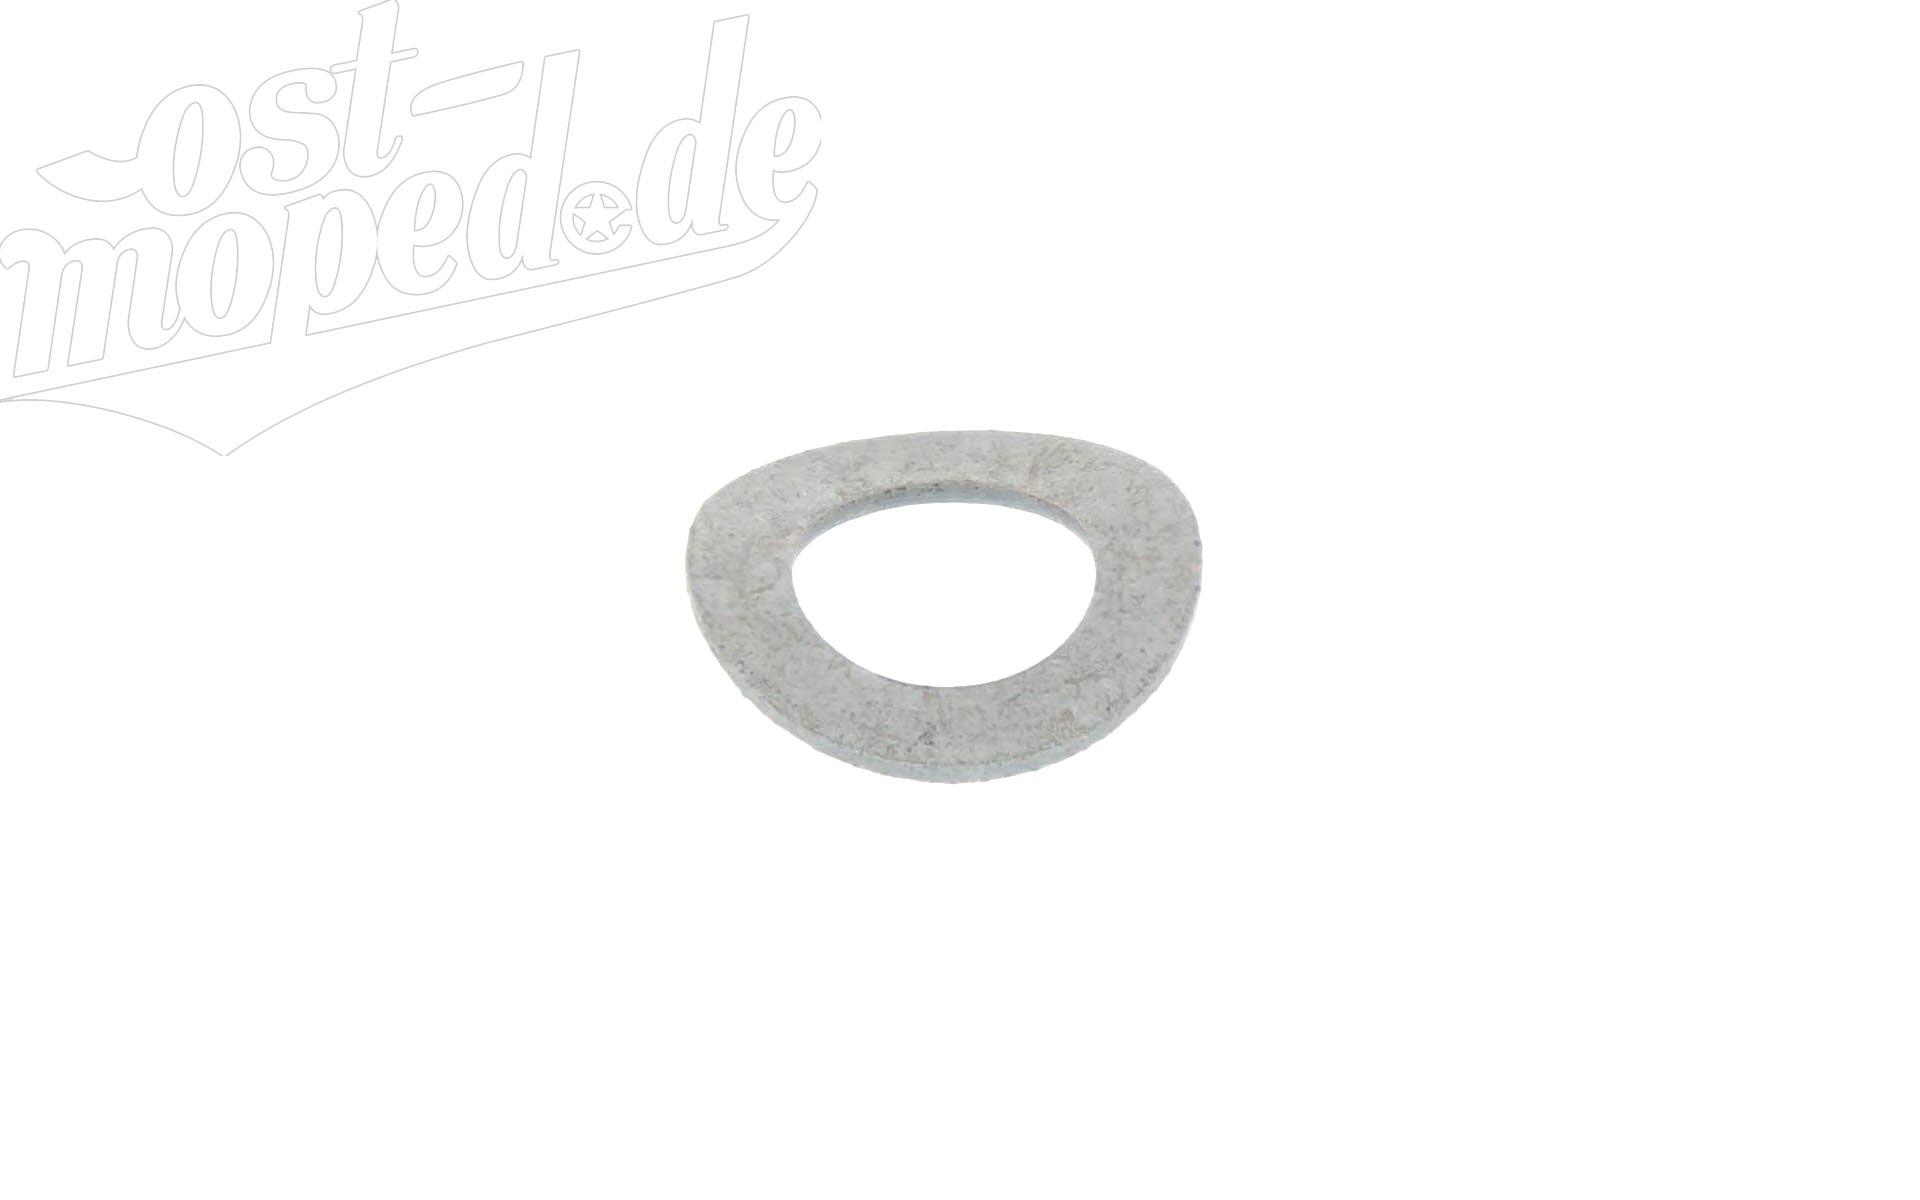 Federscheibe B8 - DIN137 - gewellt